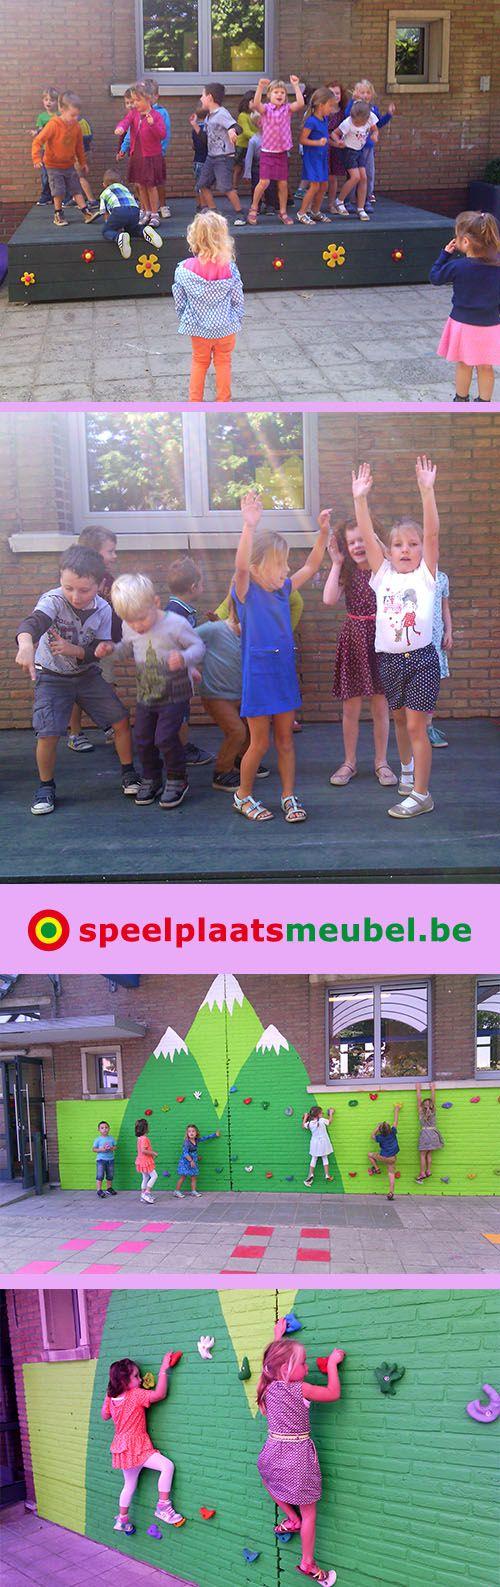 Groot podium op maat voor kleuterschool De Lettertuin in Zonhoven. De groene planken zijn uit recycling kunststof van Govaplast. Het podium is 43 cm hoog en netjes uitgevuld.